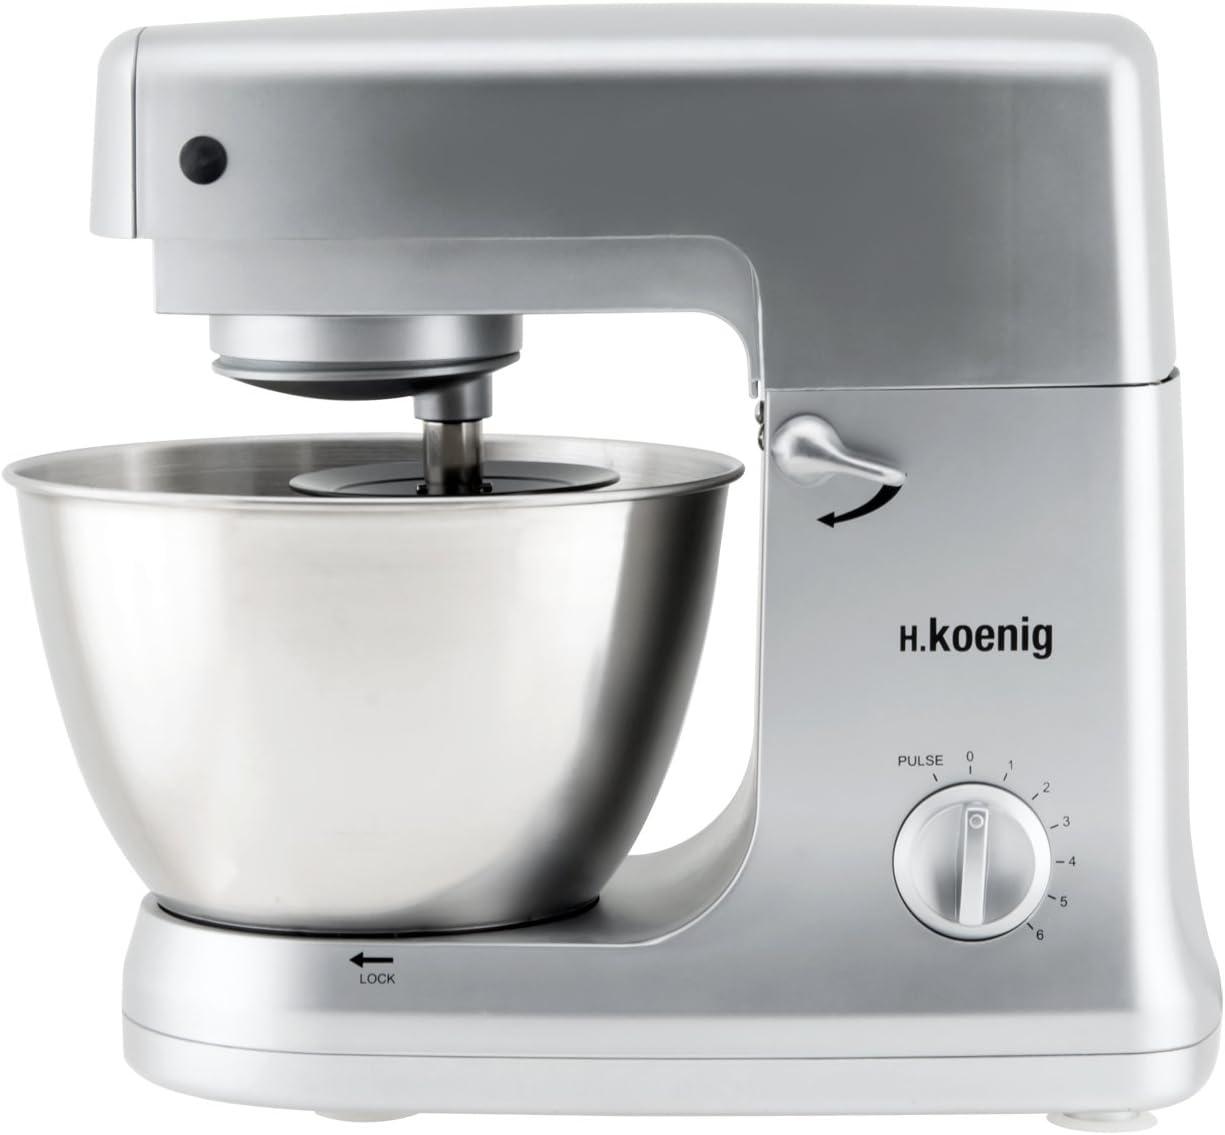 H.Koenig KM 65 KM65-Robot de Cocina multifunción, batidora amasadora, 5 l, 1000 W, Acero Inoxidable